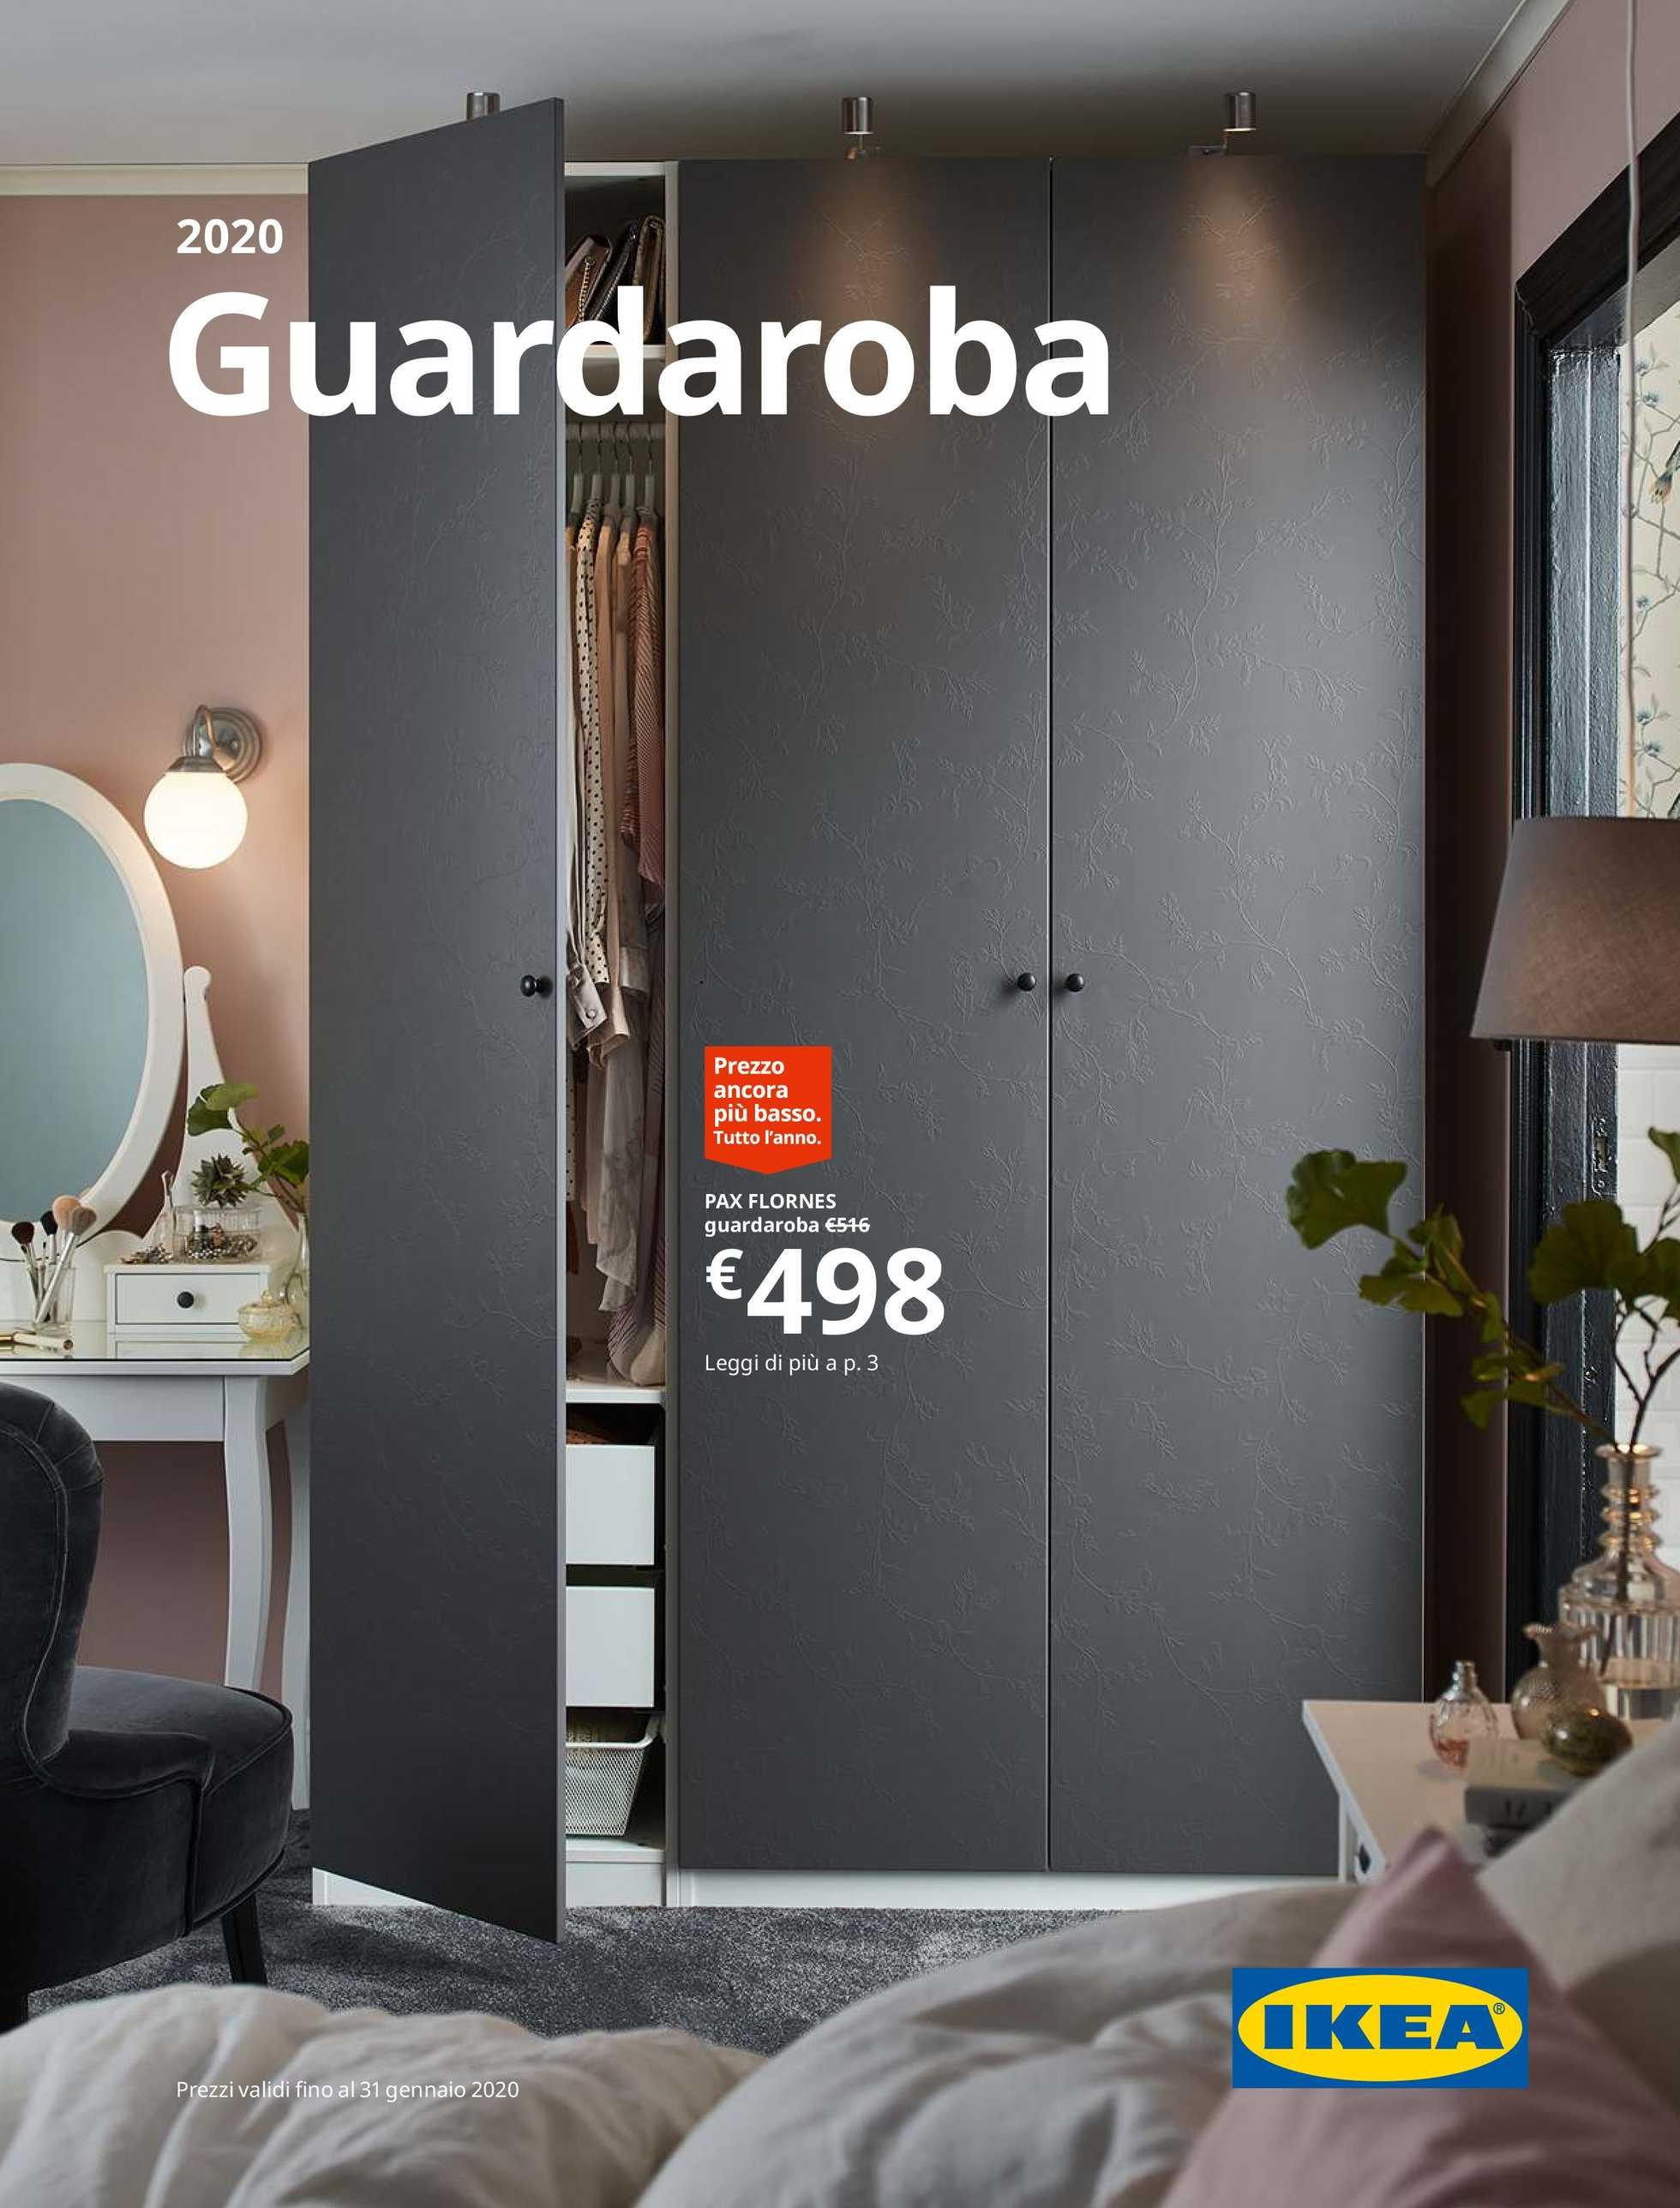 Ikea It Guardaroba.Ikea Guardaroba 2020 01 09 2019 It Promotons Com